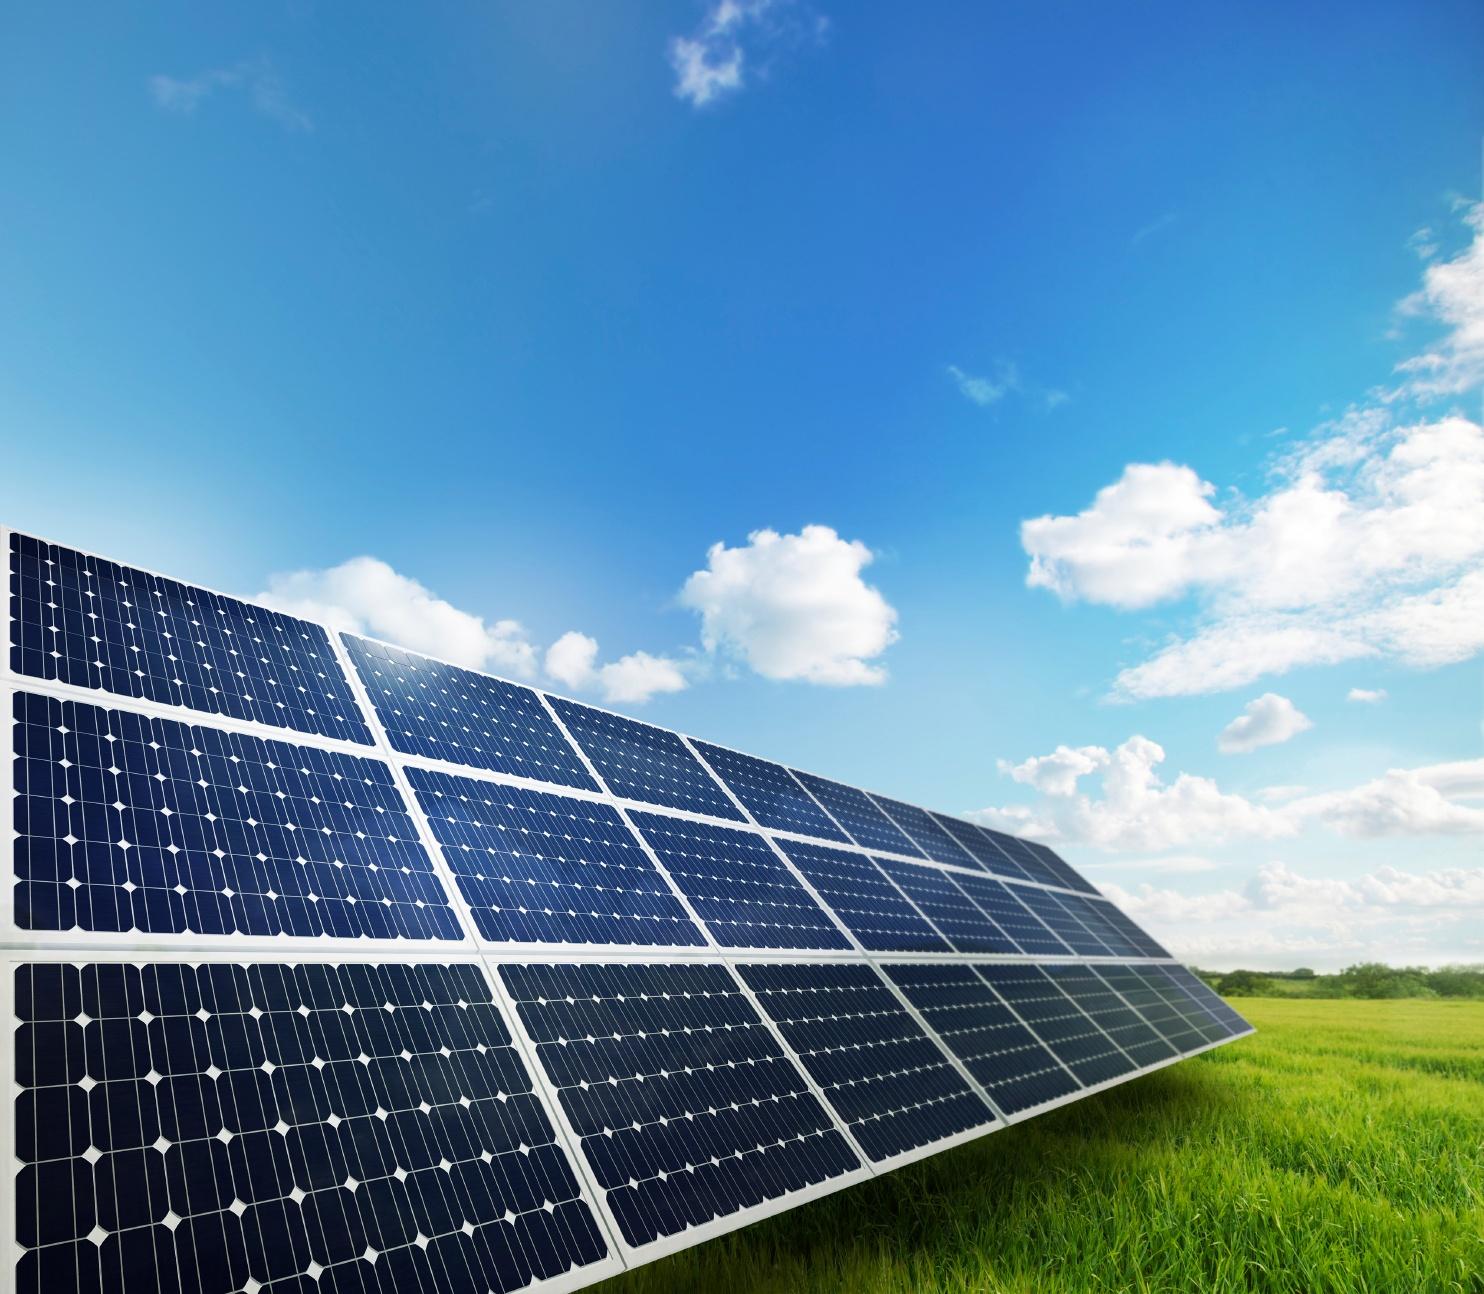 Solar panels in field.jpg